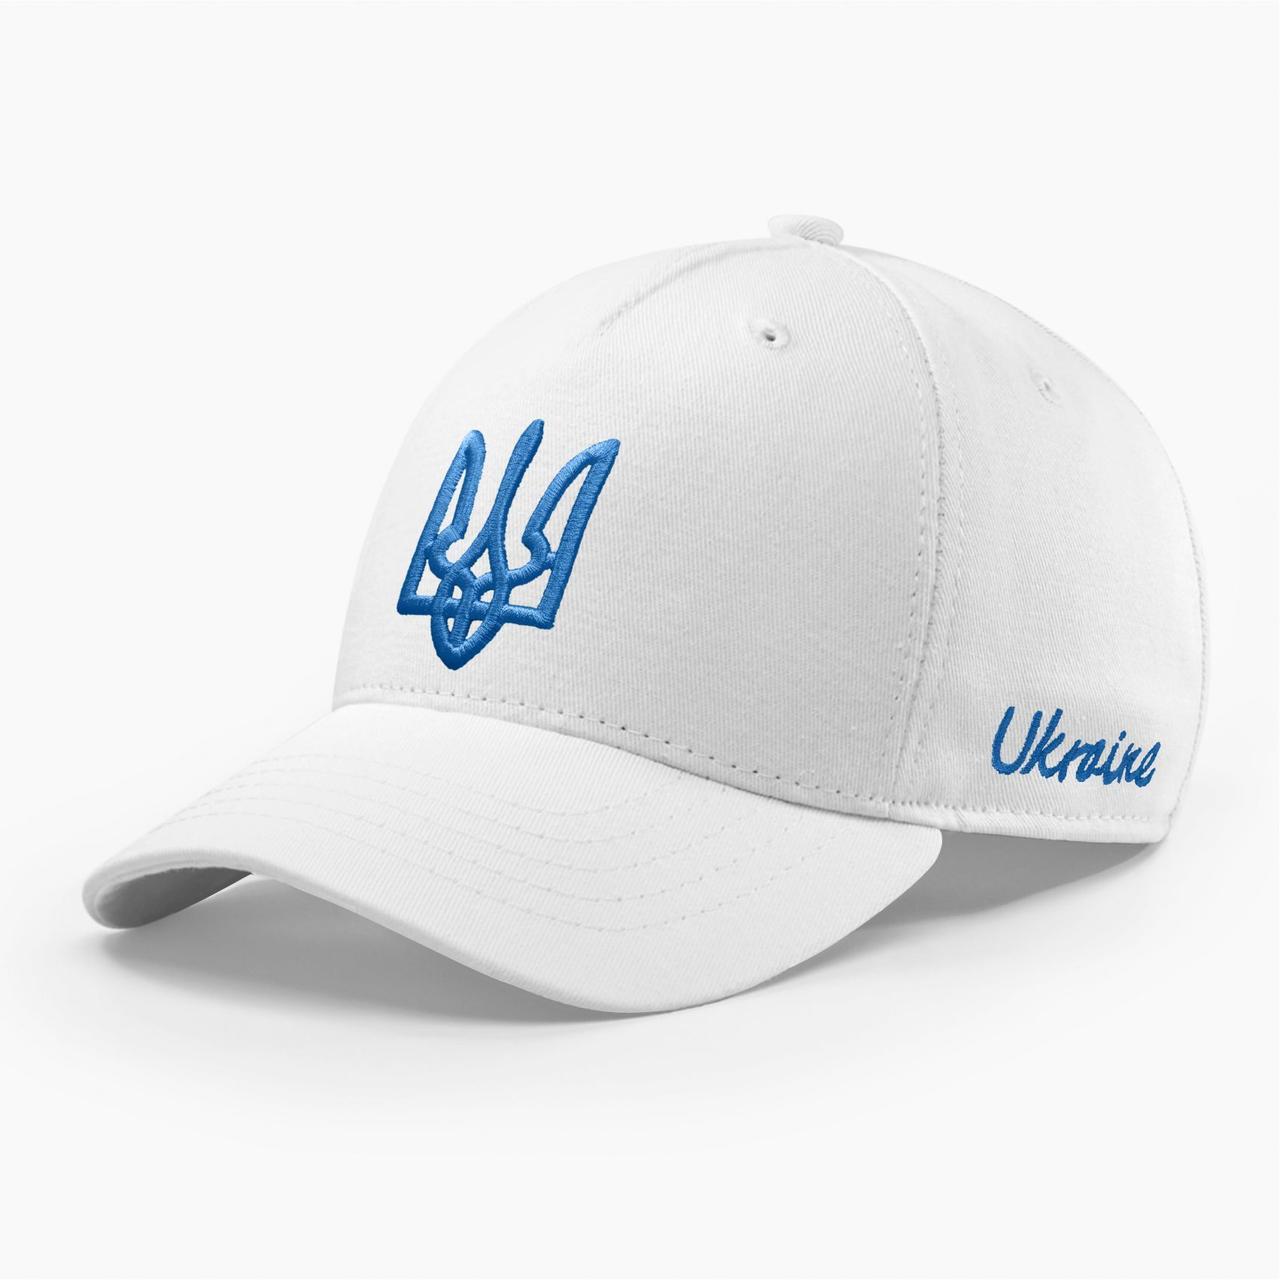 Кепка бейсболка мужская INAL с гербом Украины S / 53-54 RU Белый 280353